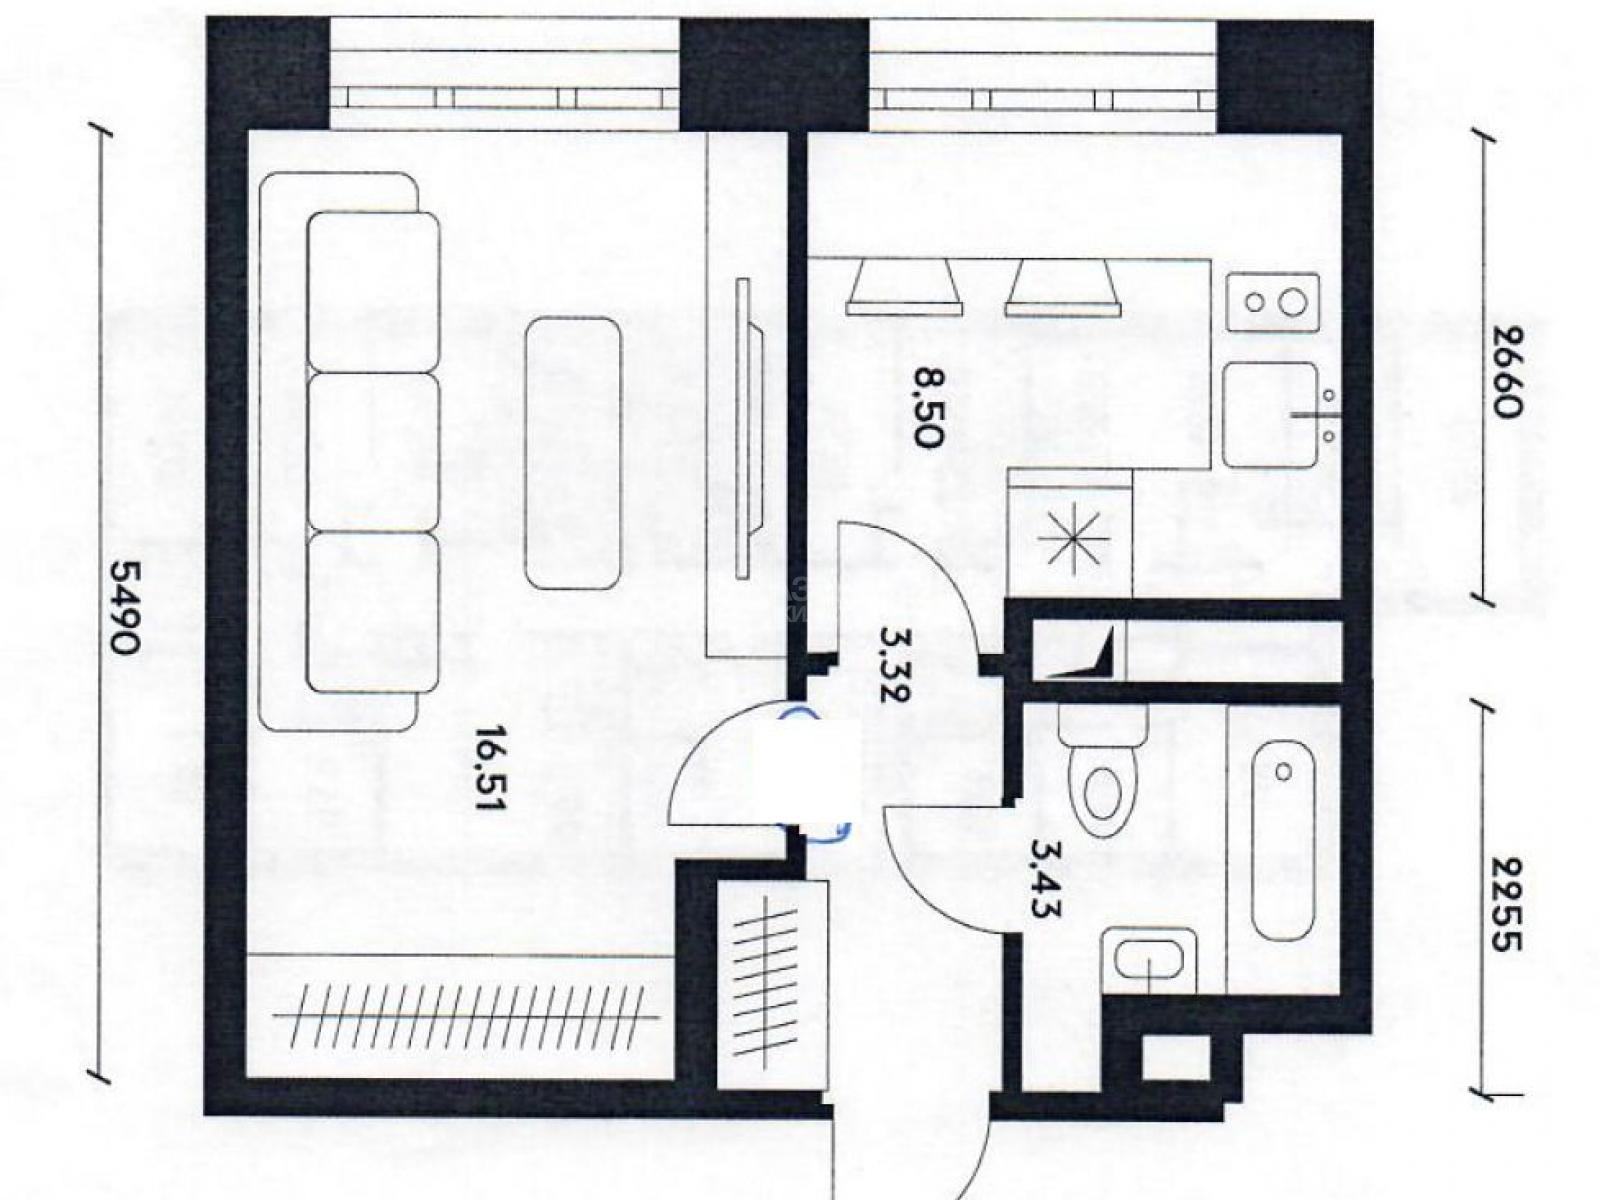 Фото №1 - 1-комнатная квартира, Москва, Донецкая улица 34 корпус 3, метро Марьино